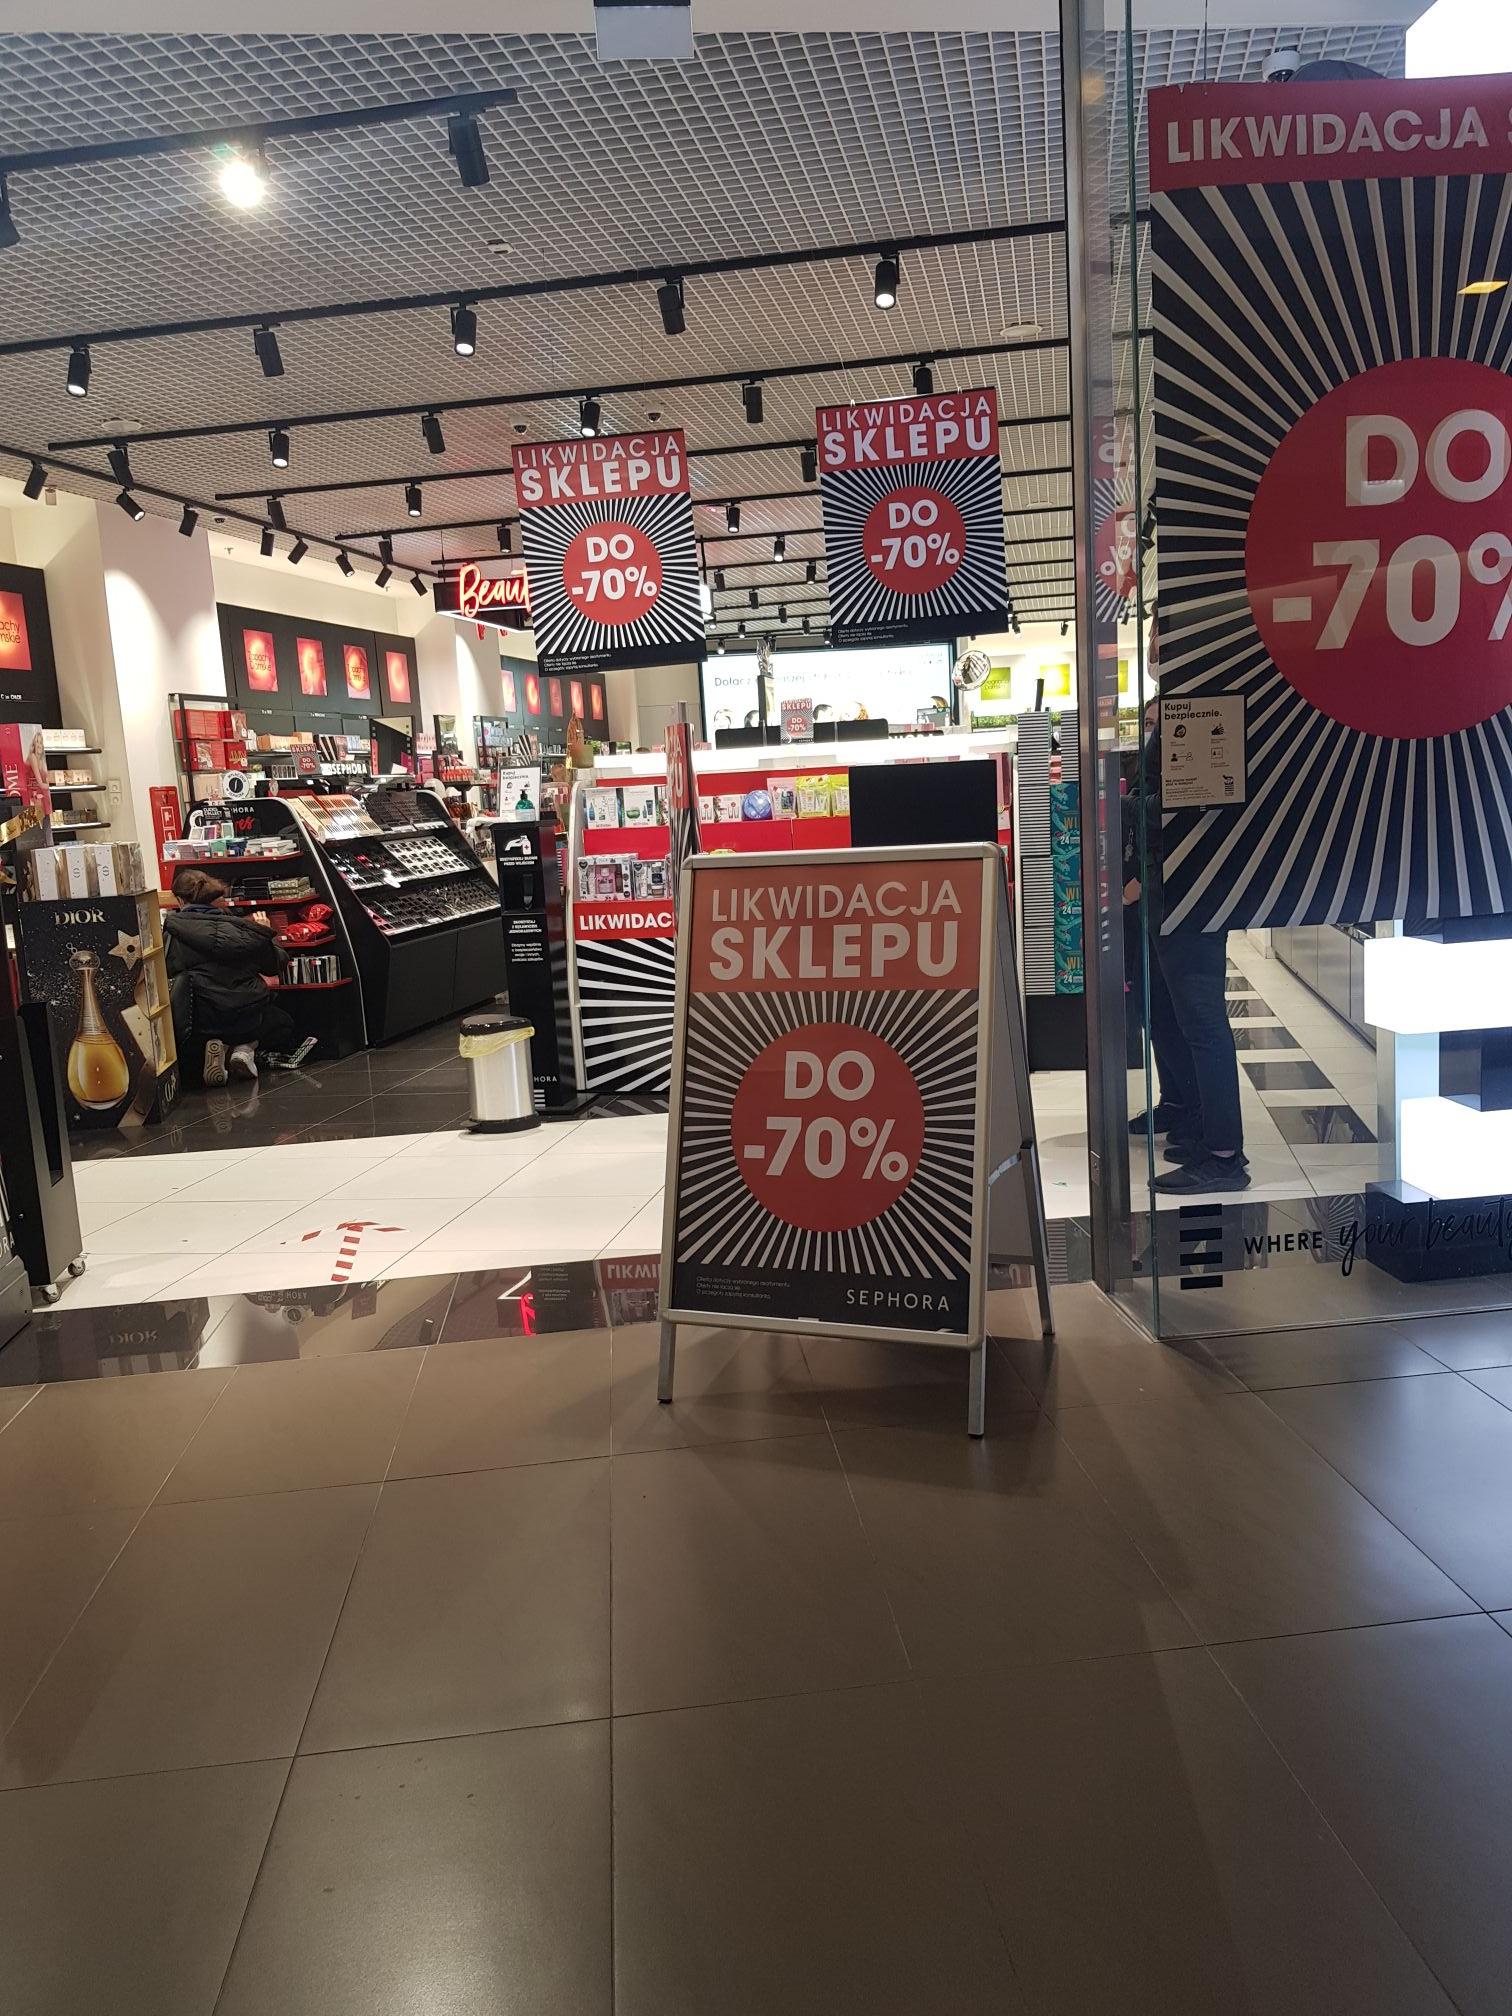 Sephora likwidacja Renoma Wrocław do -70%